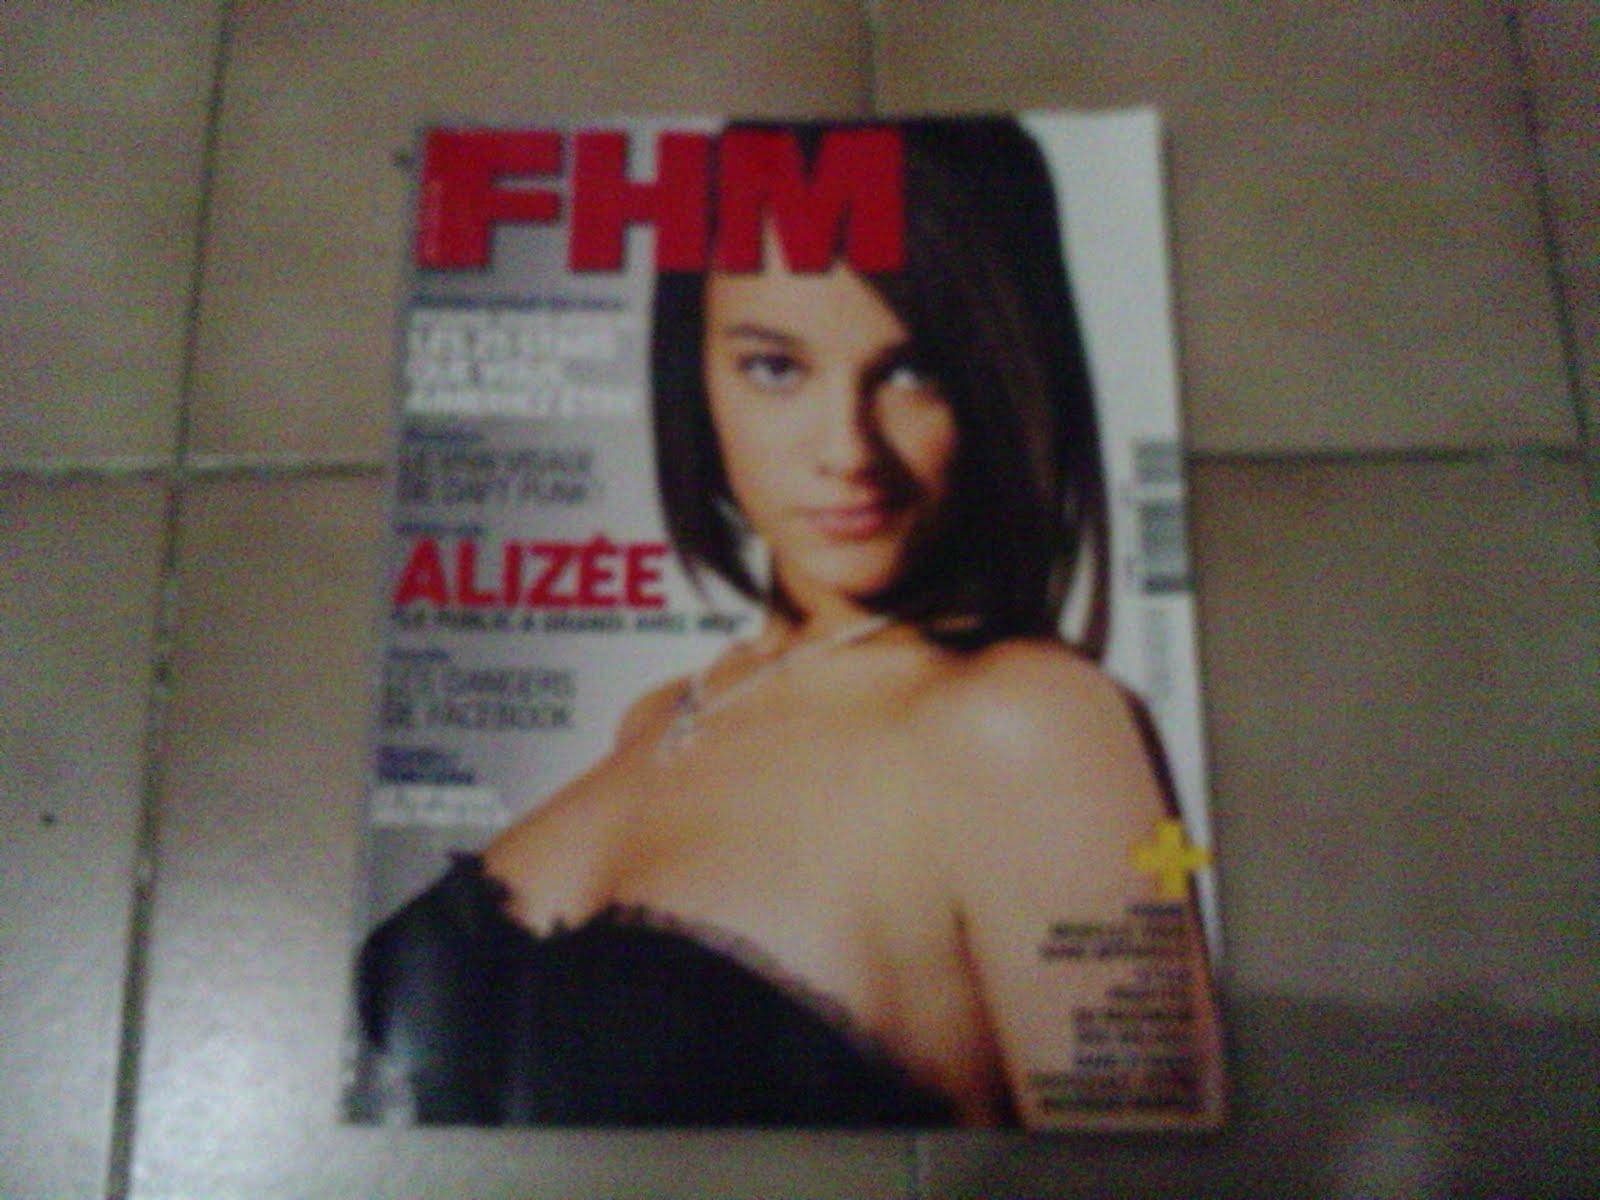 imagenes de alizee sin ropa - Alizée Central Pose Mag Traducción de la Entrevista y Fotos en